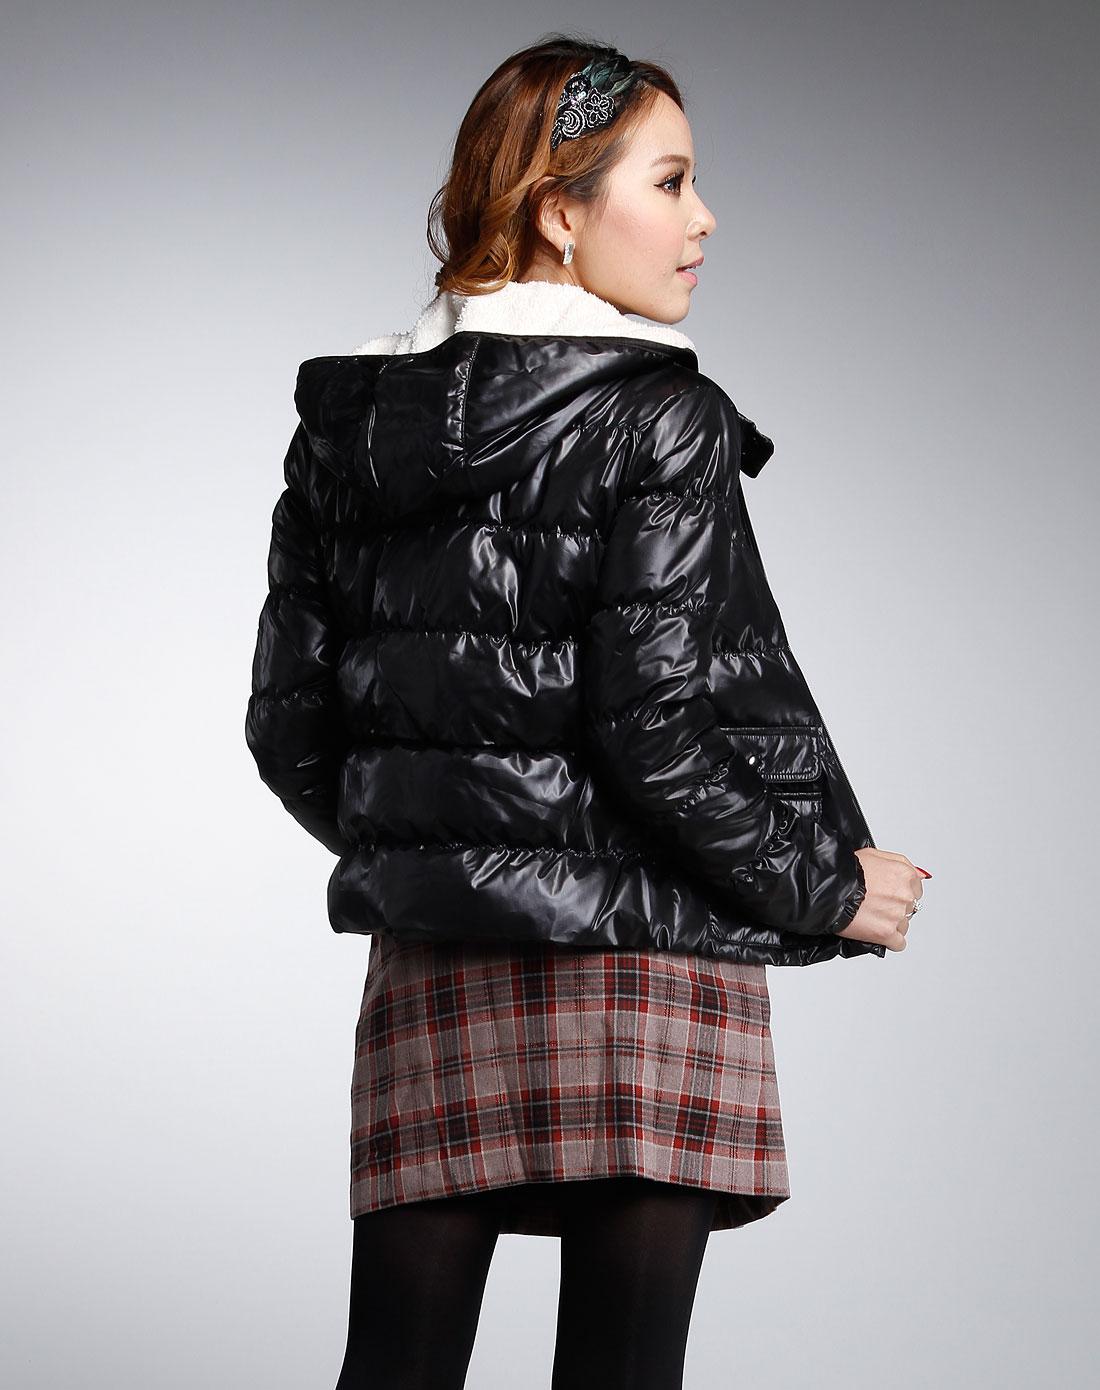 黑色长袖时尚羽绒服np1215油辊图片